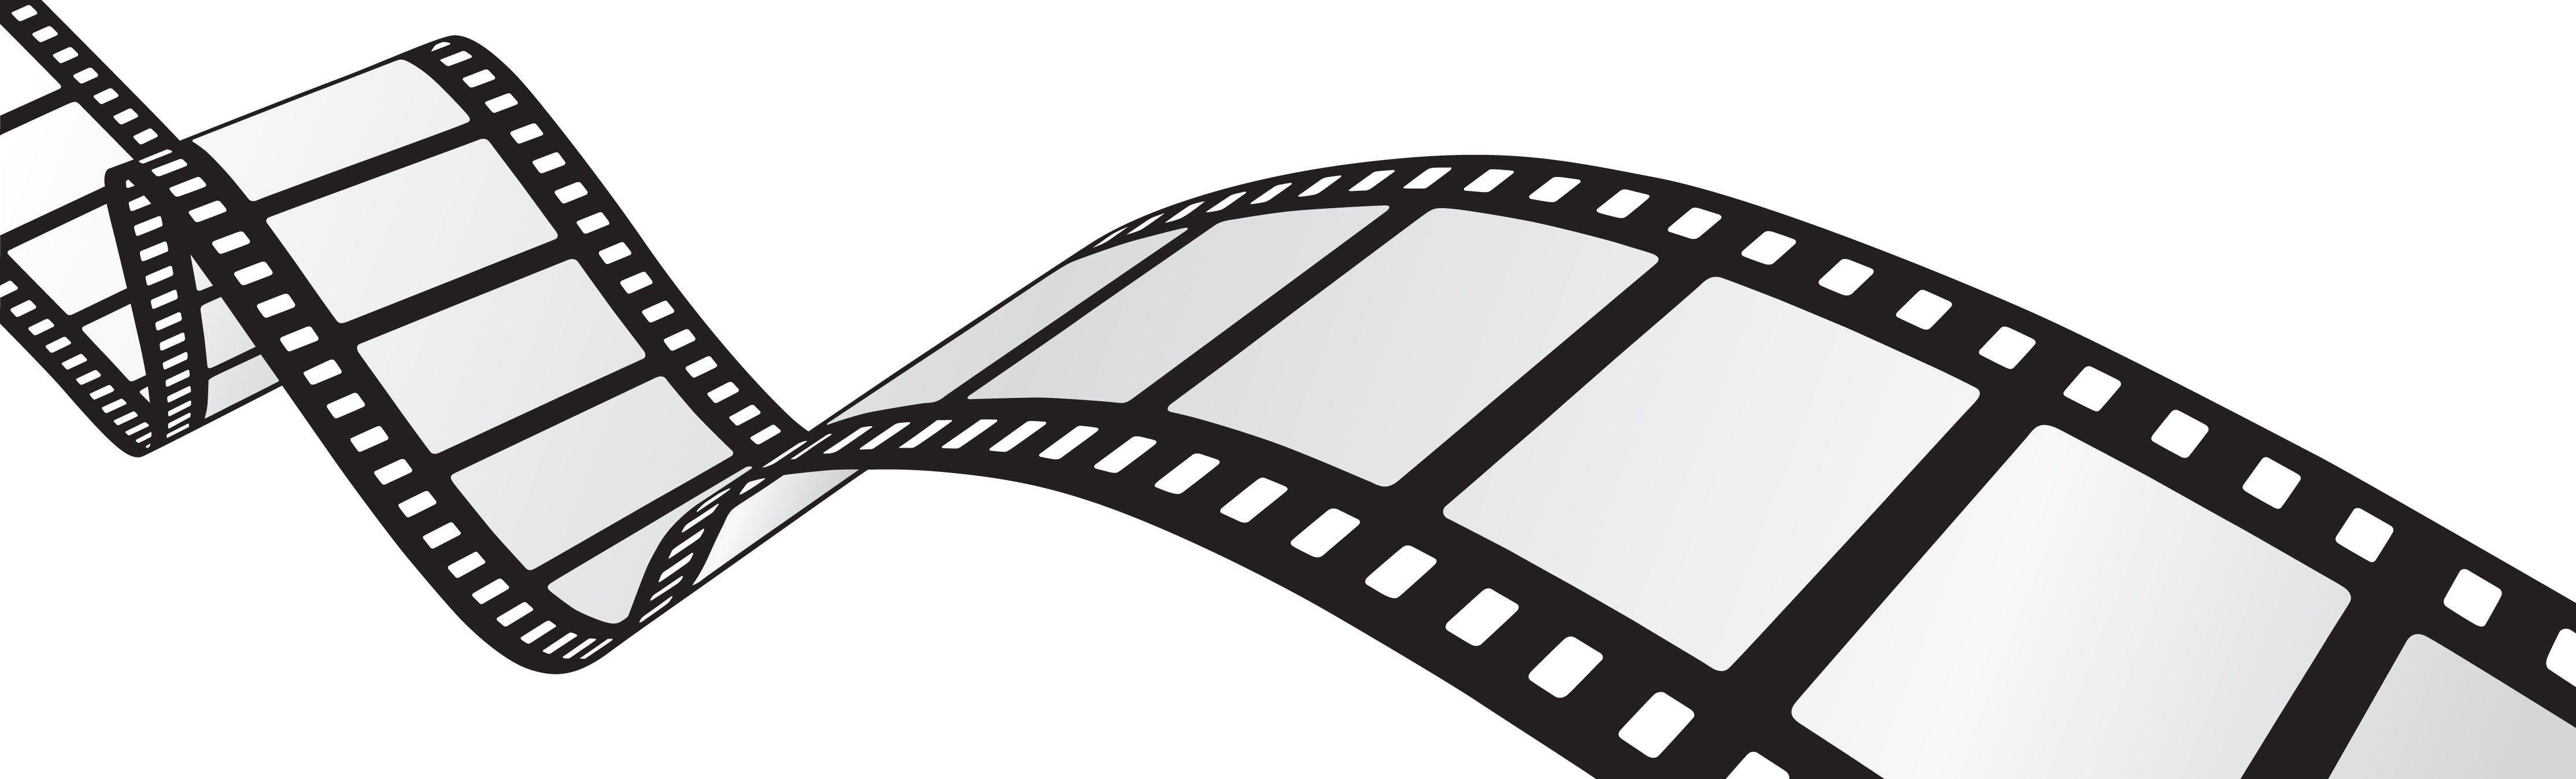 Movie Reel Silhouette